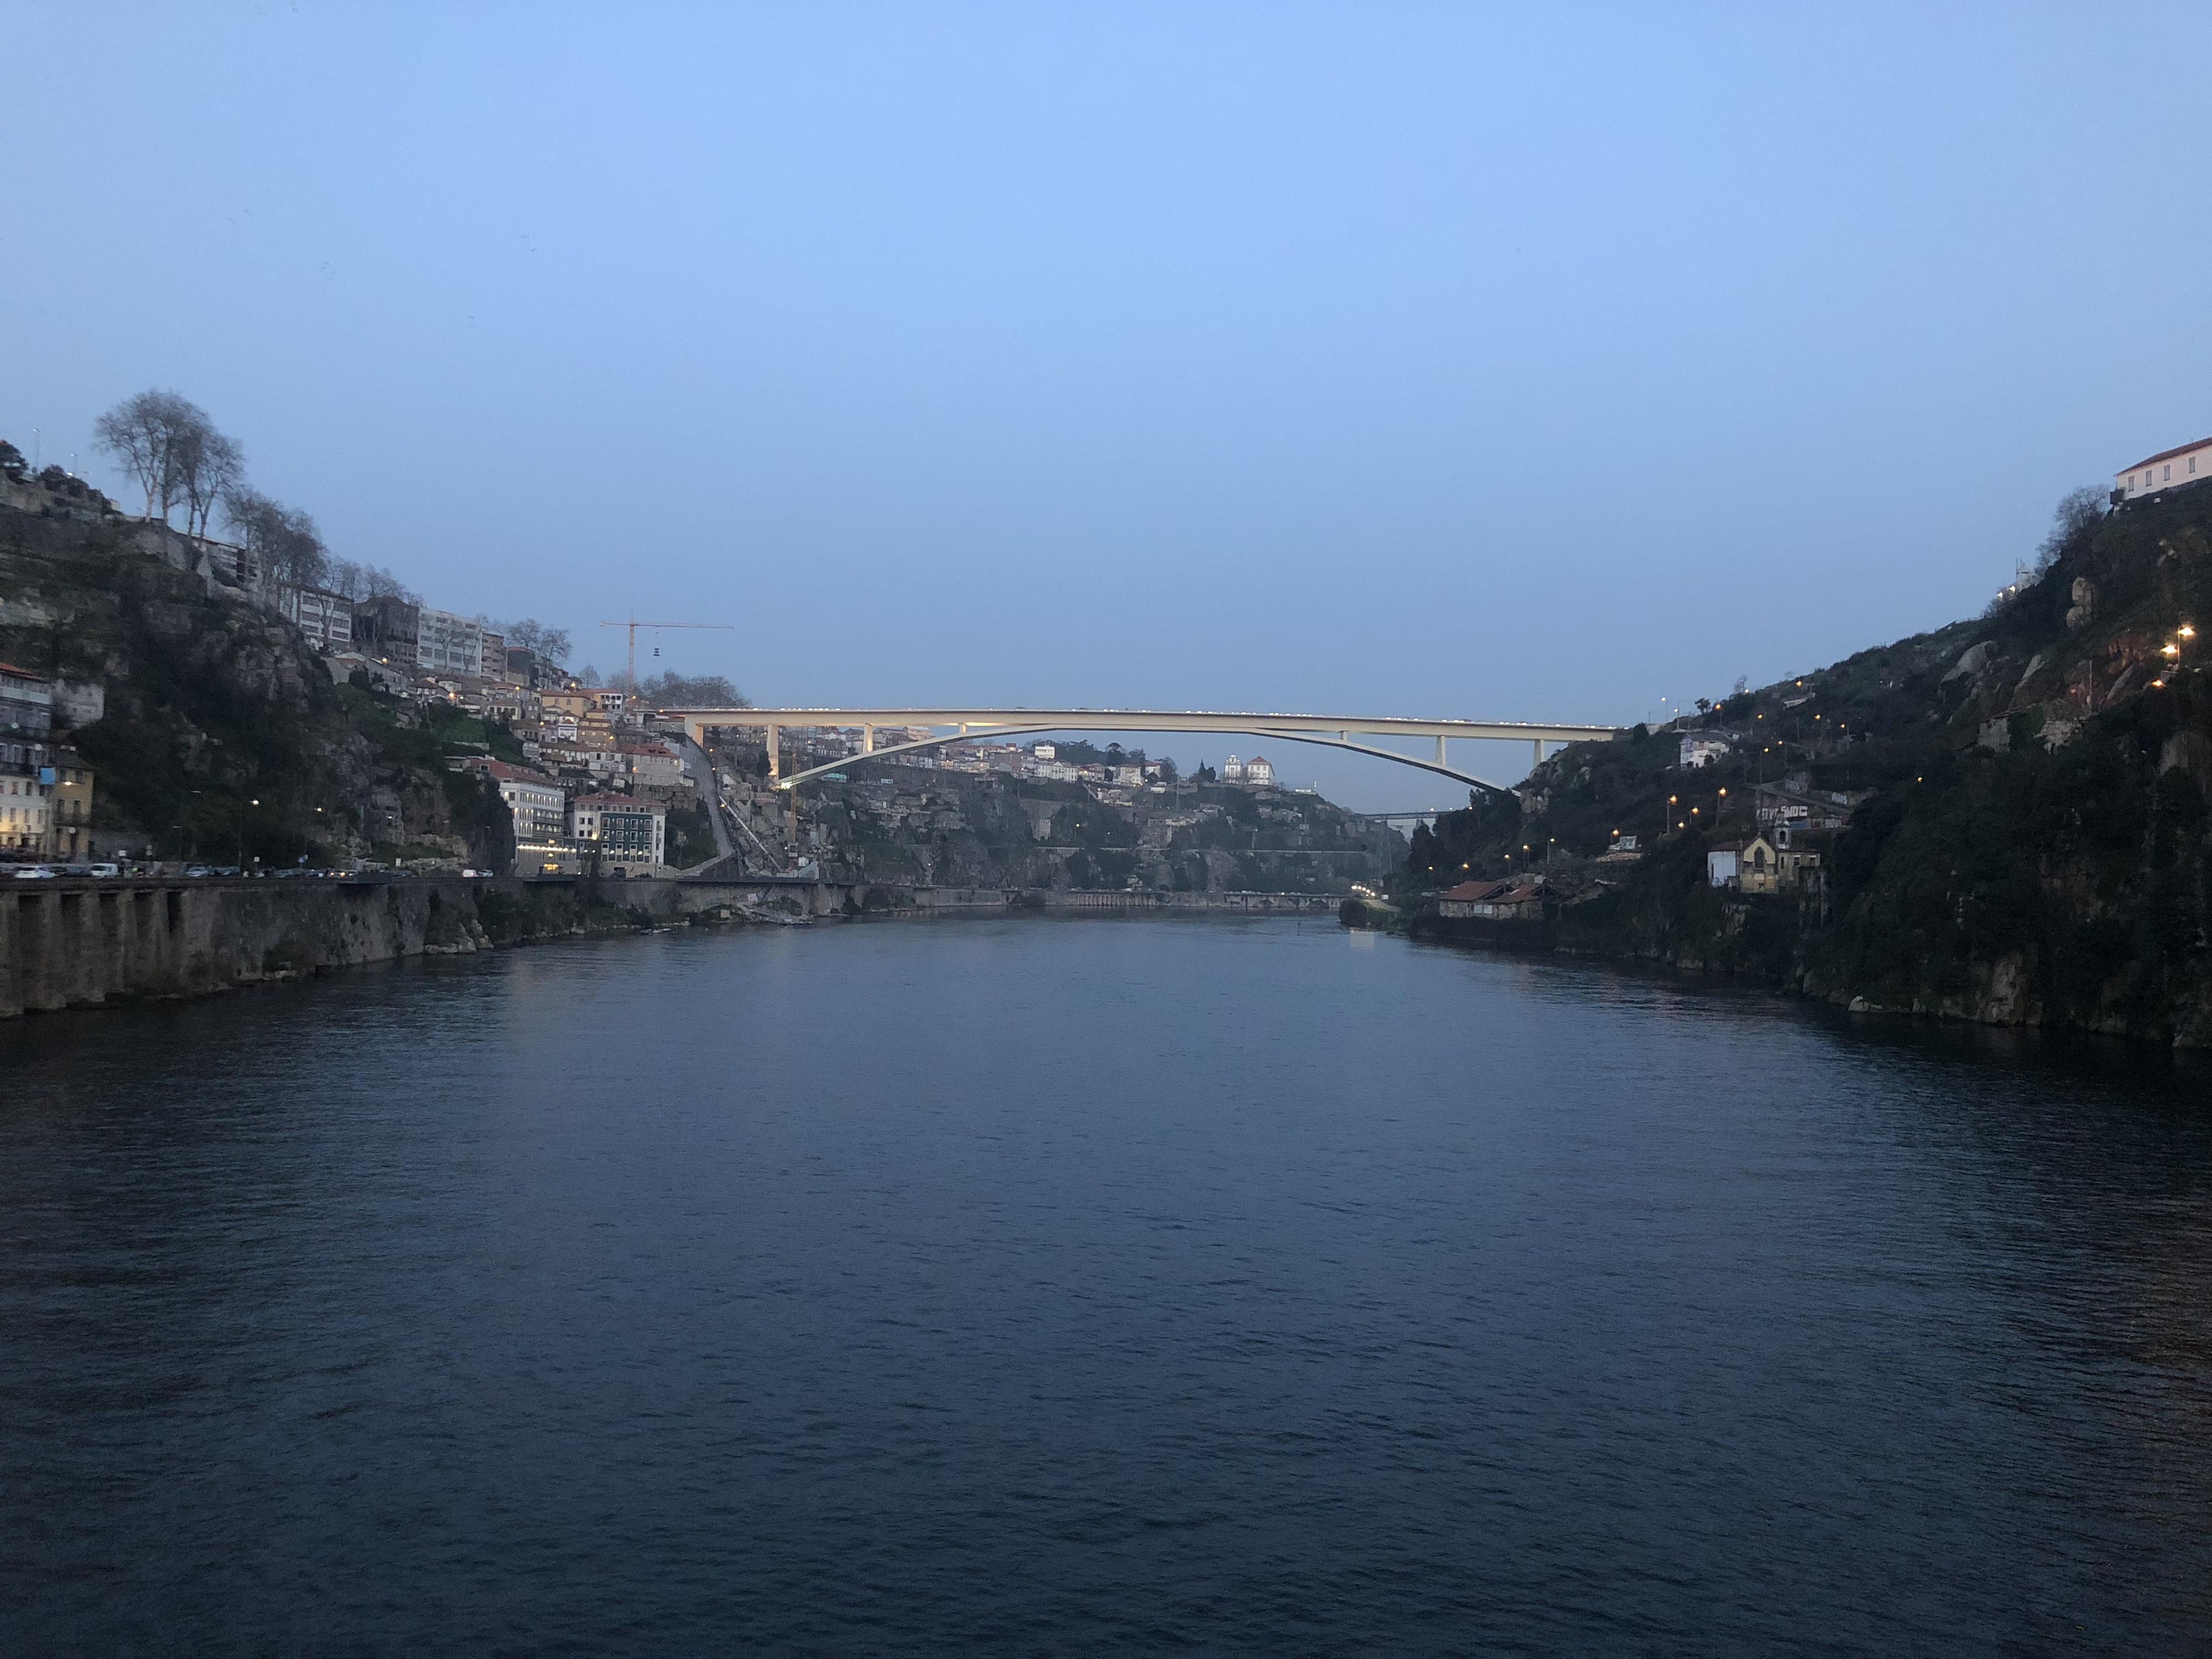 View towards bridge